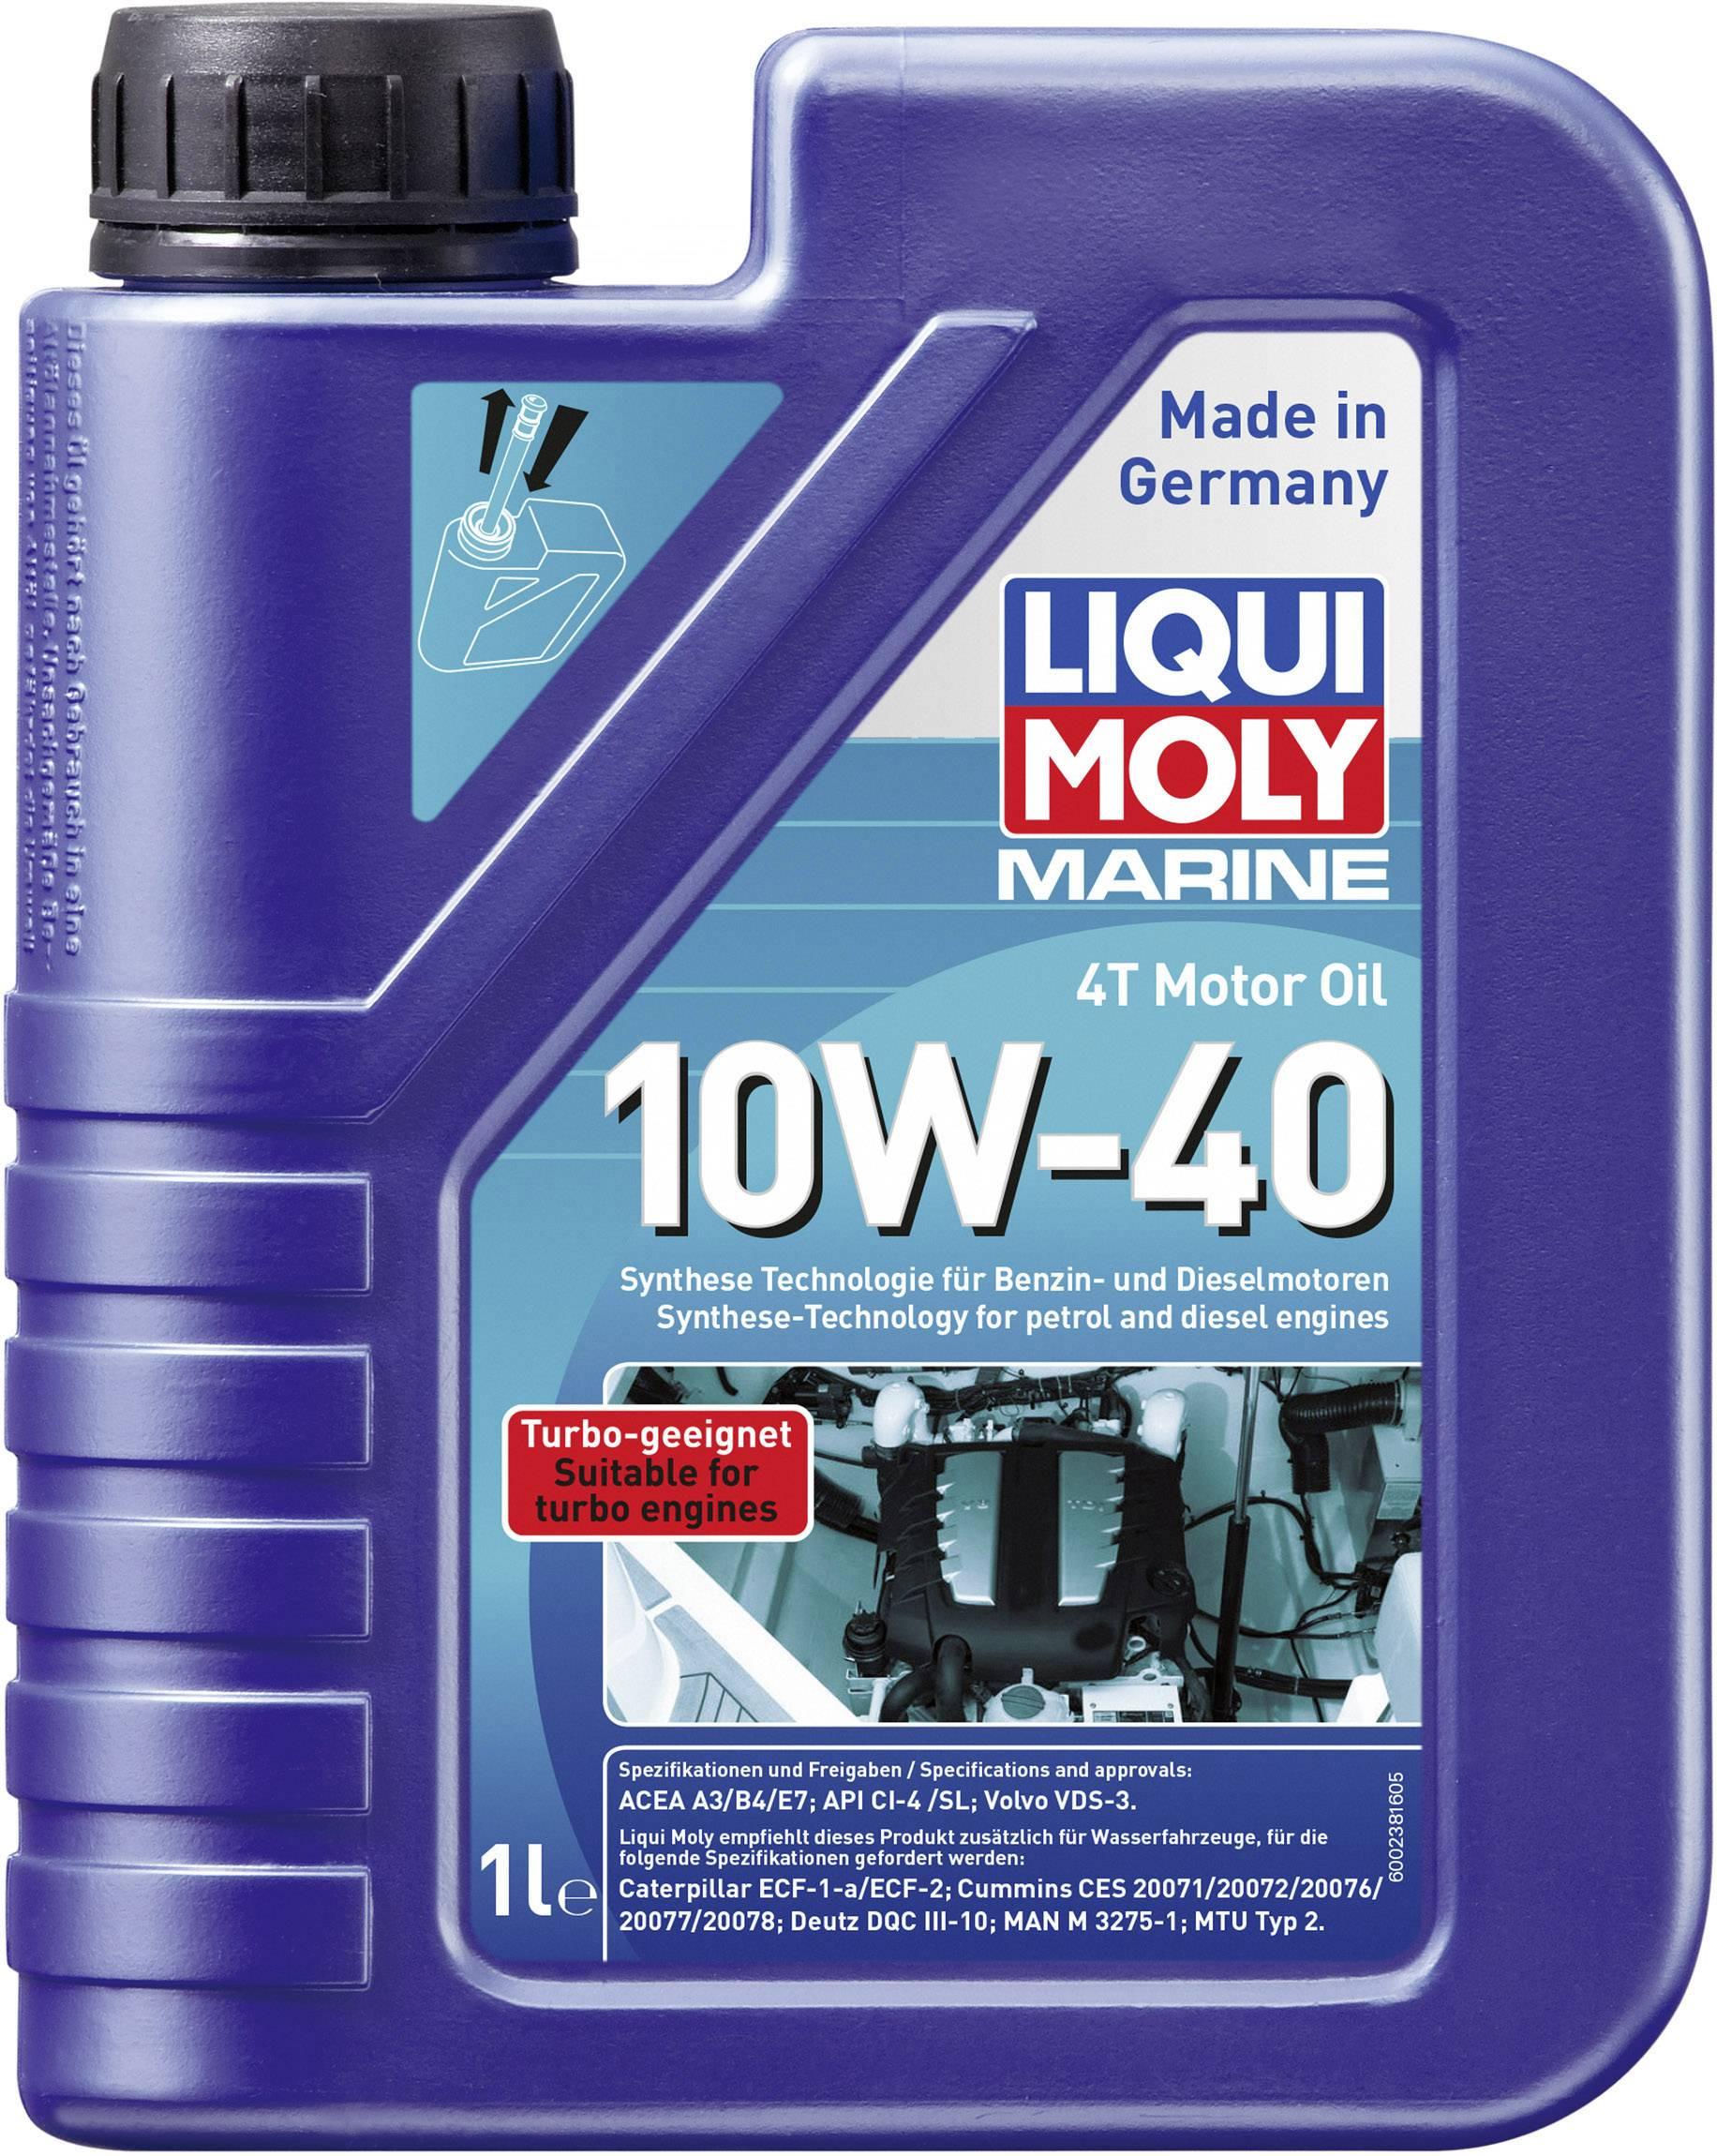 Liqui Moly Marine 4T 10W-40 25012 Engine oil 1 l | Conrad com